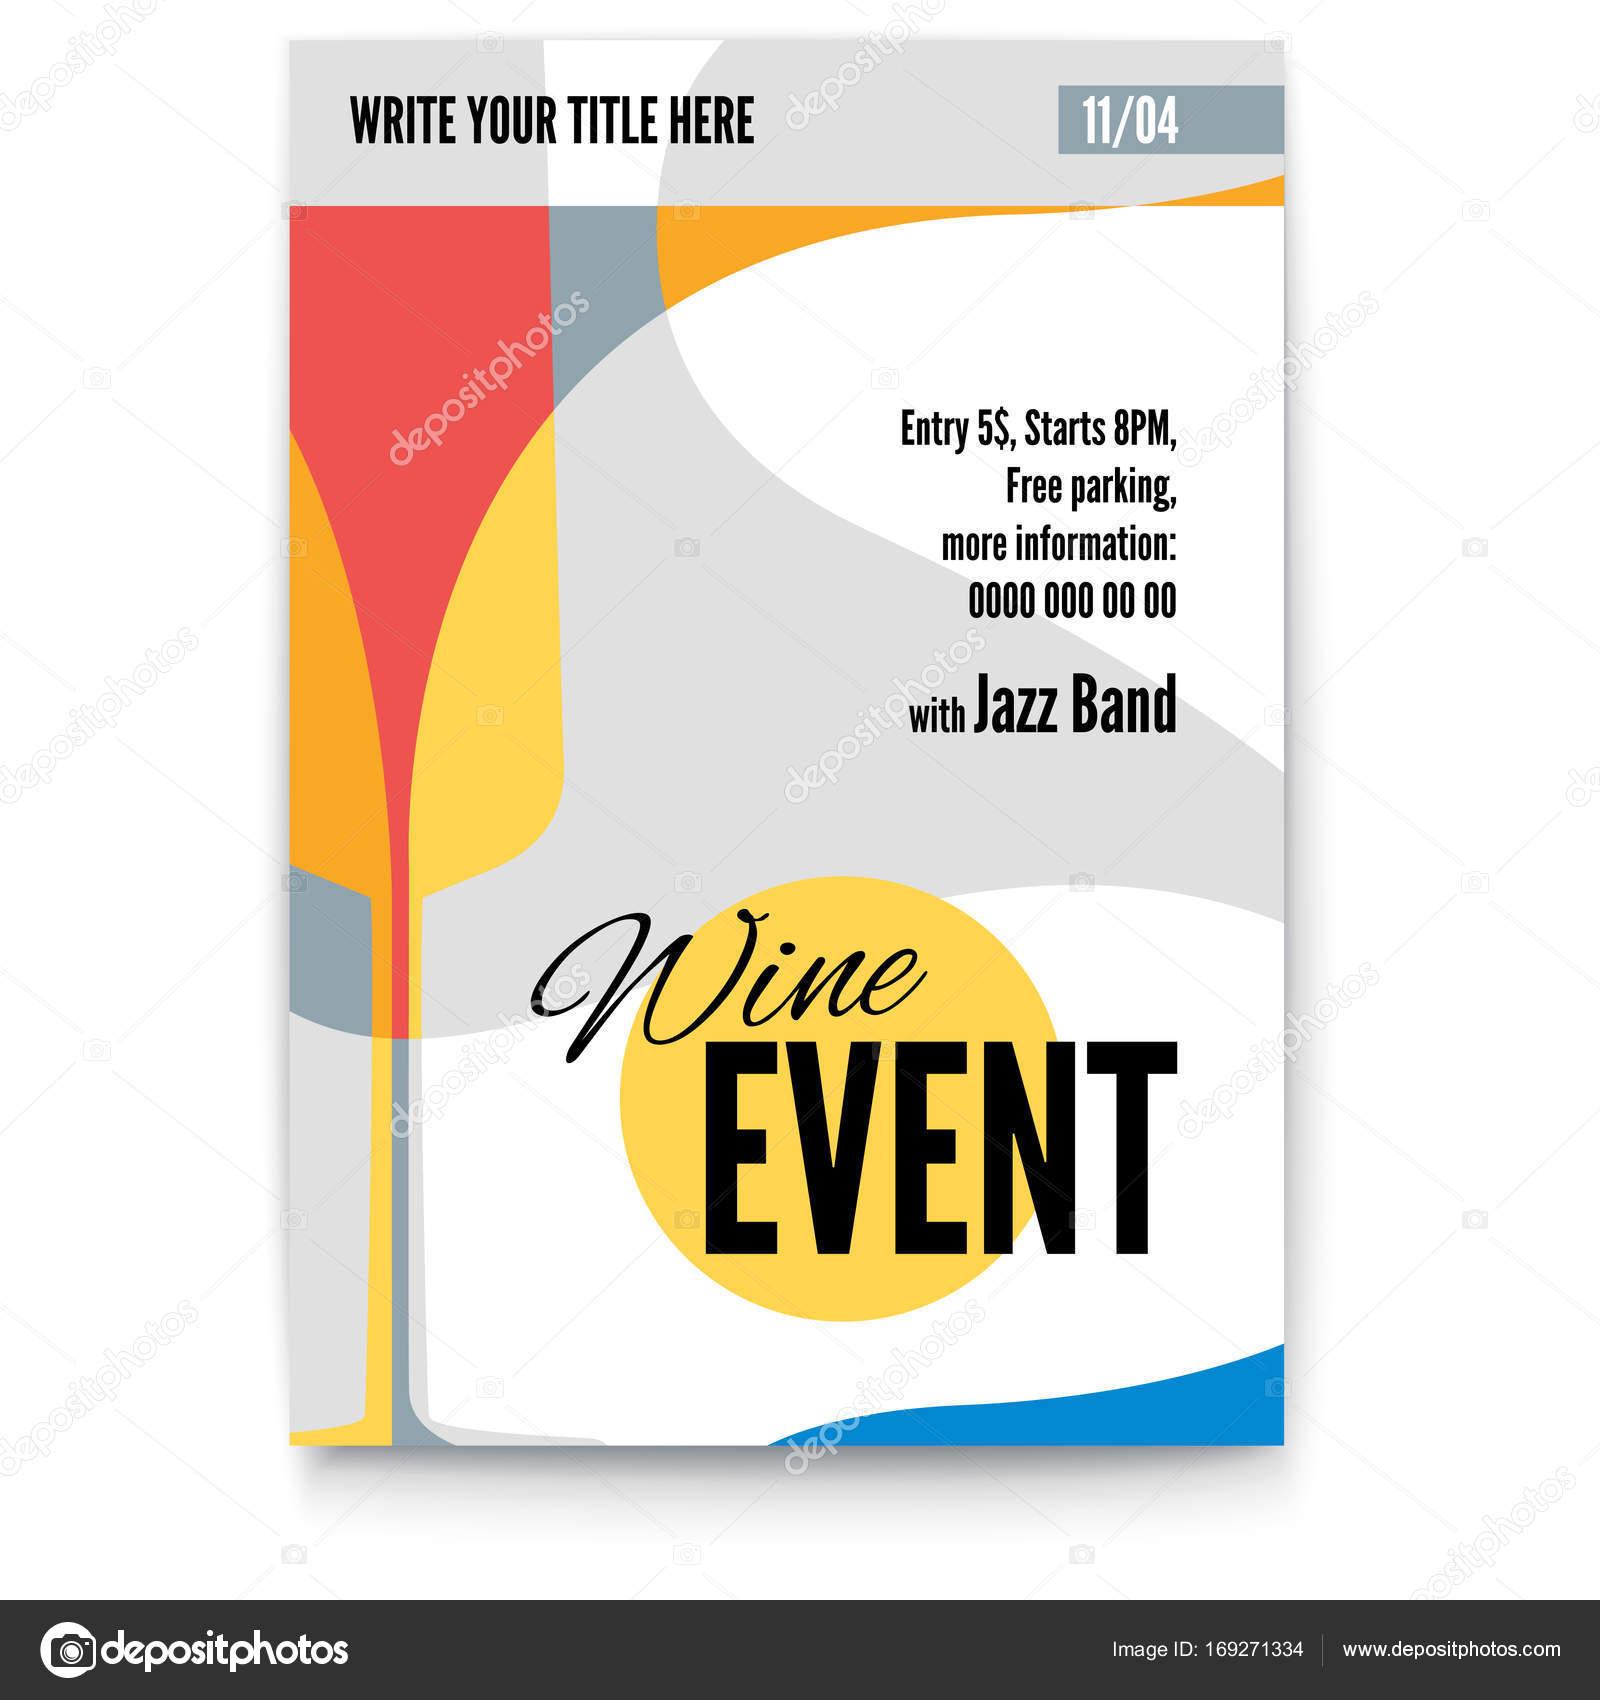 Vektor Vorlage für Poster, Design-Layout für Broschüre, Banner ...